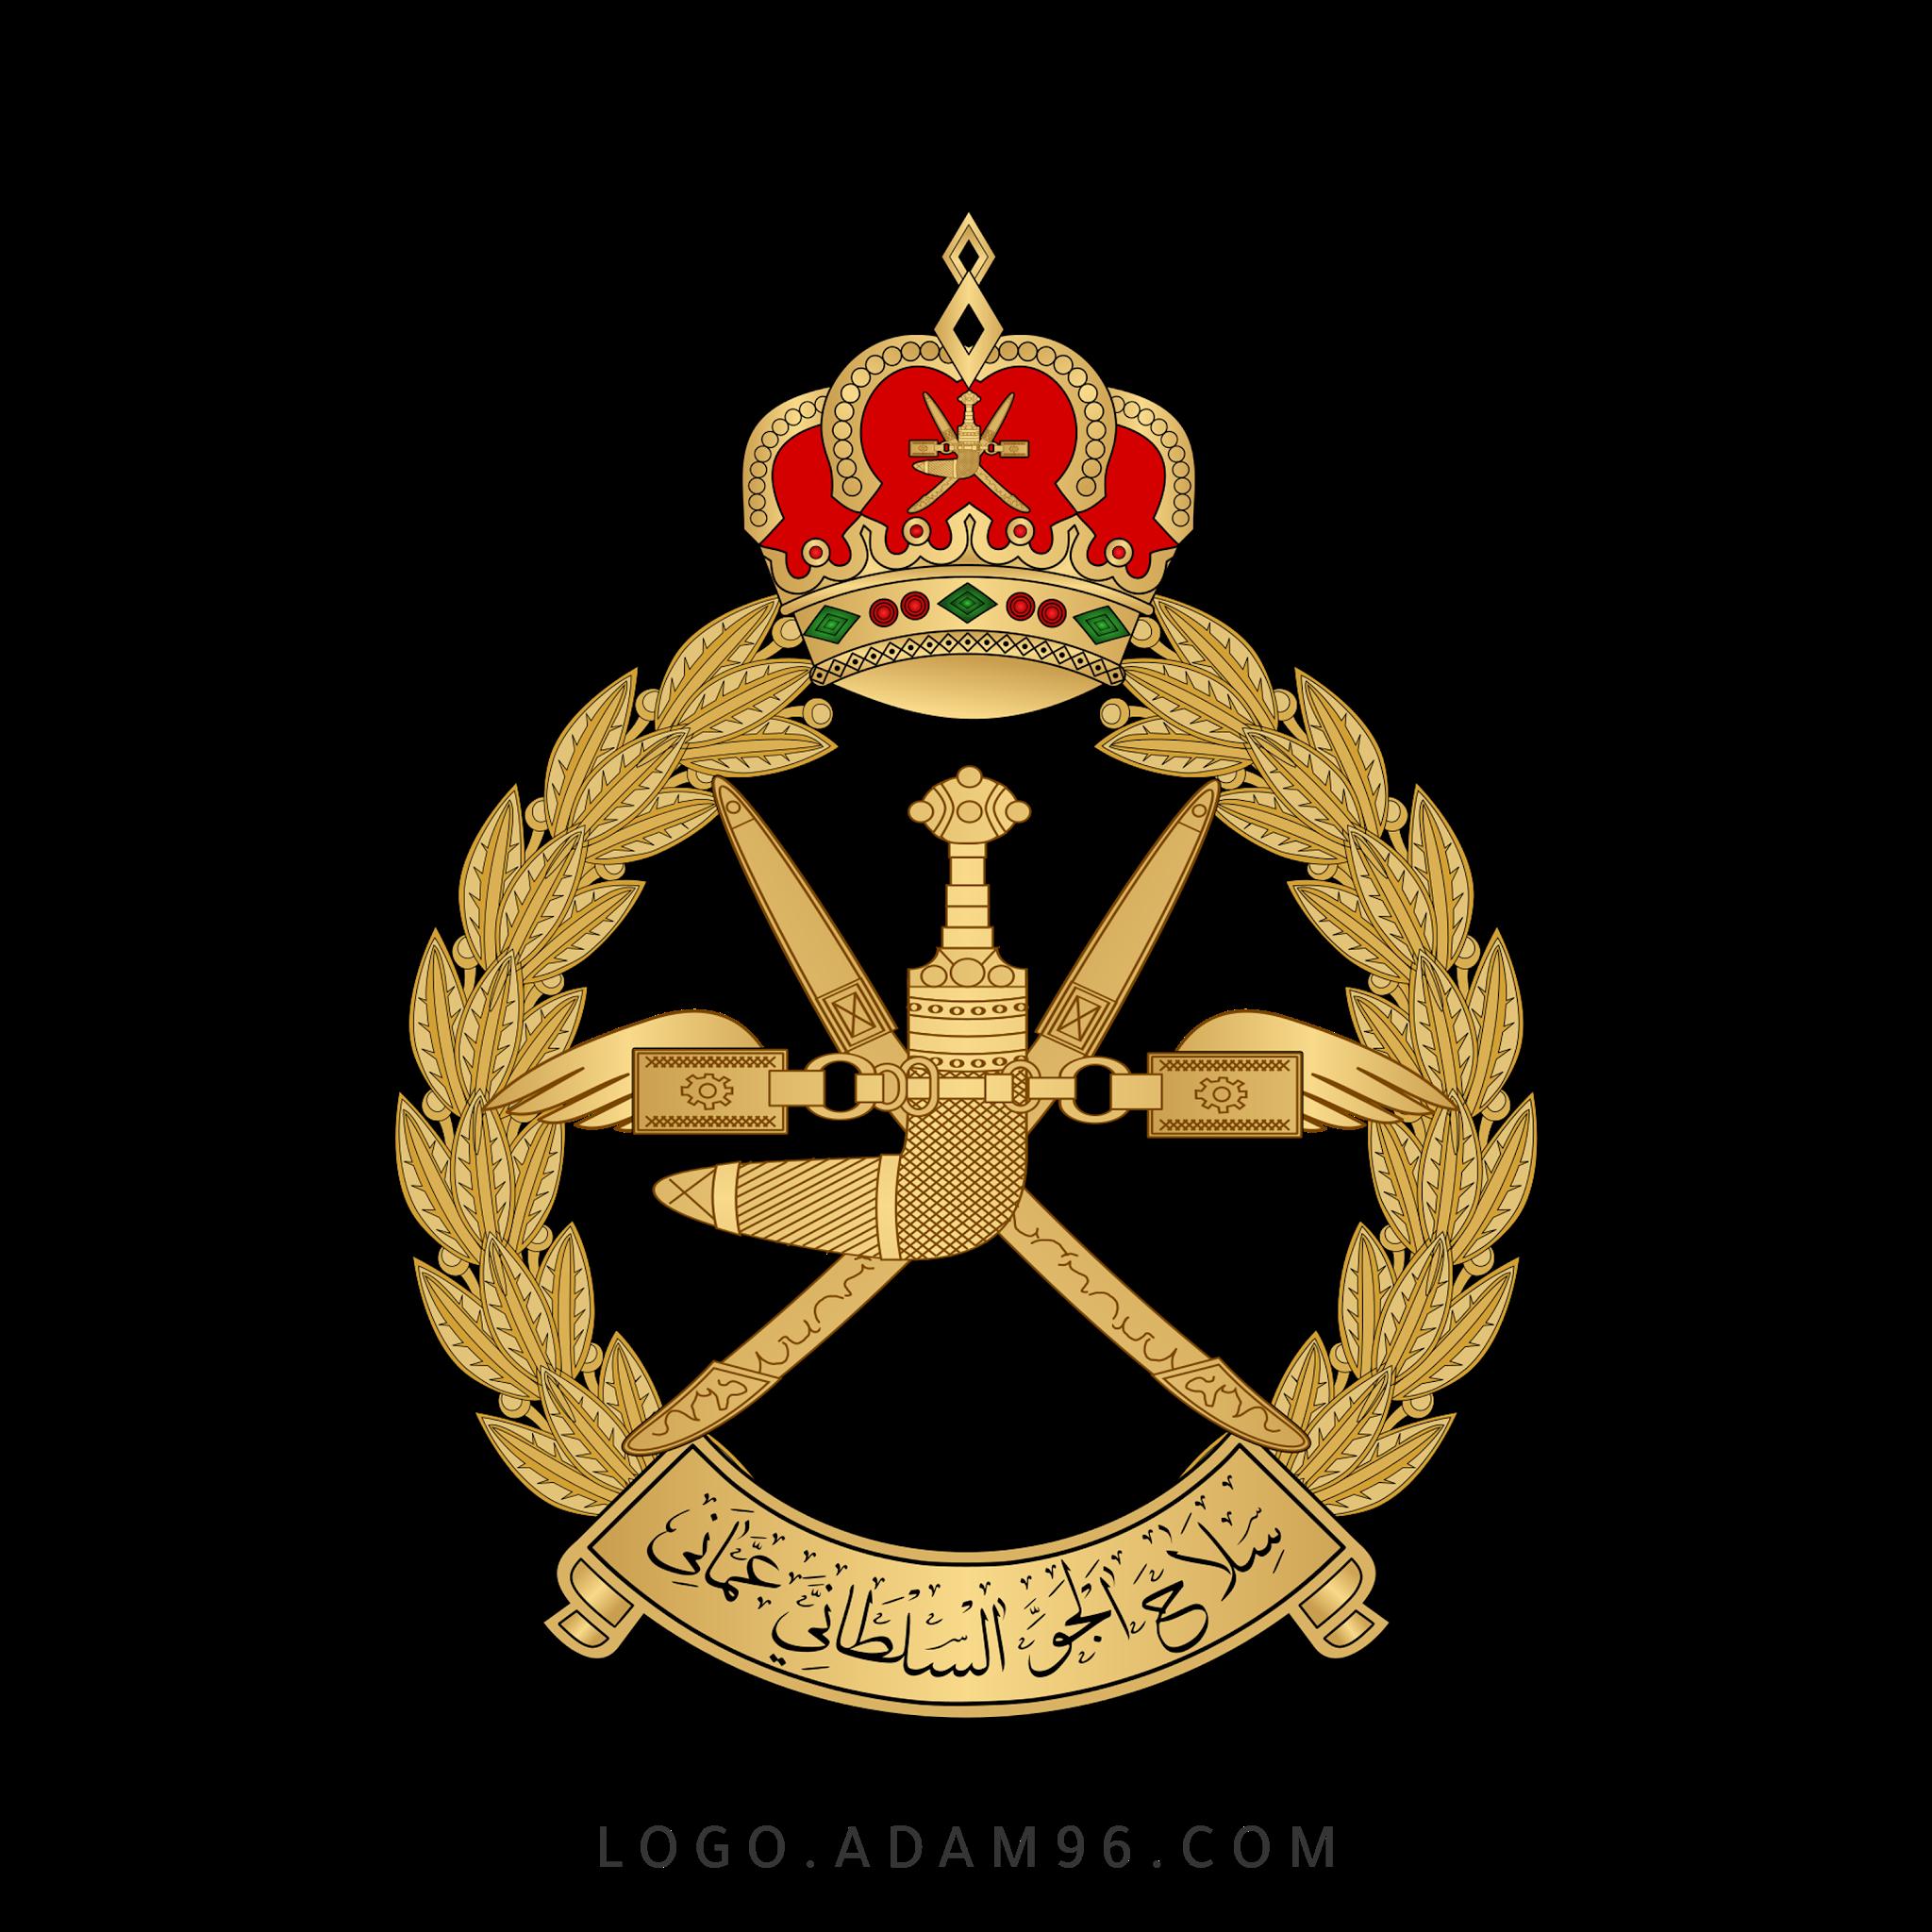 تحميل شعار سلاح الجو السلطاني العماني لوجو رسمي عالي الجودة PNG